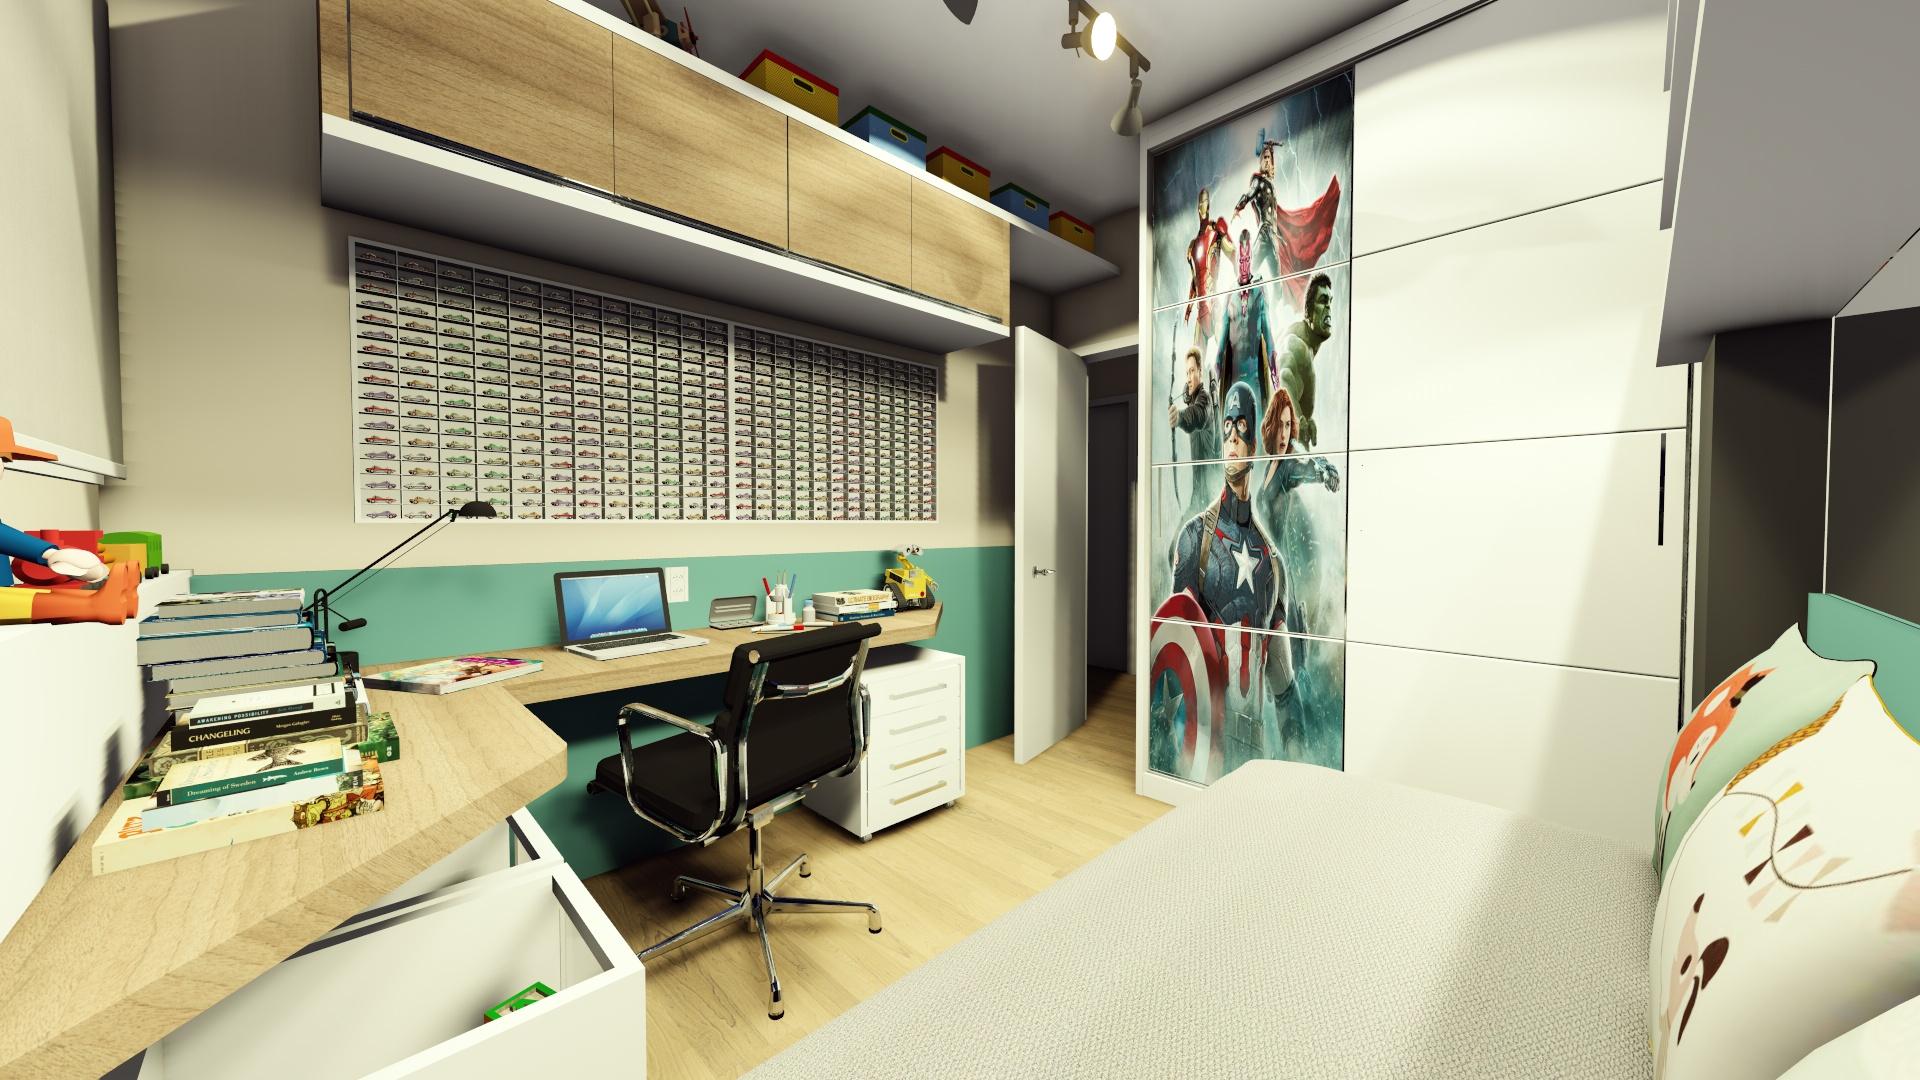 Rev2_dormitório_003